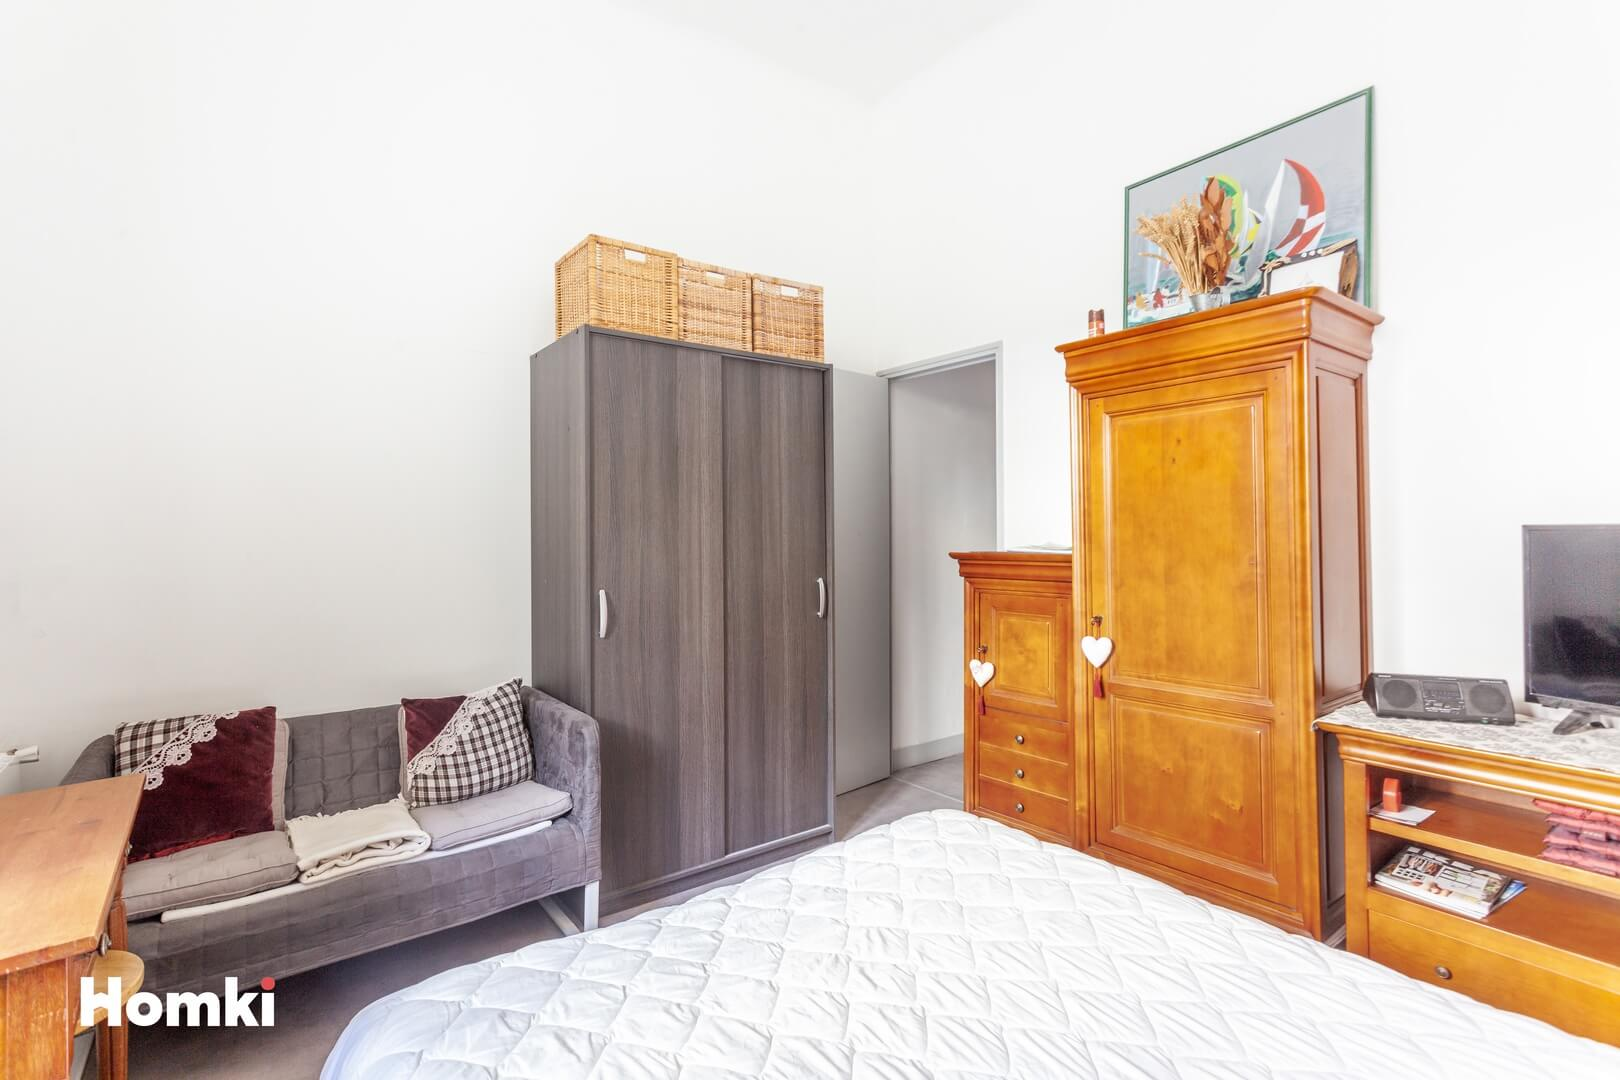 Homki - Vente Appartement  de 49.0 m² à Marseille 13007